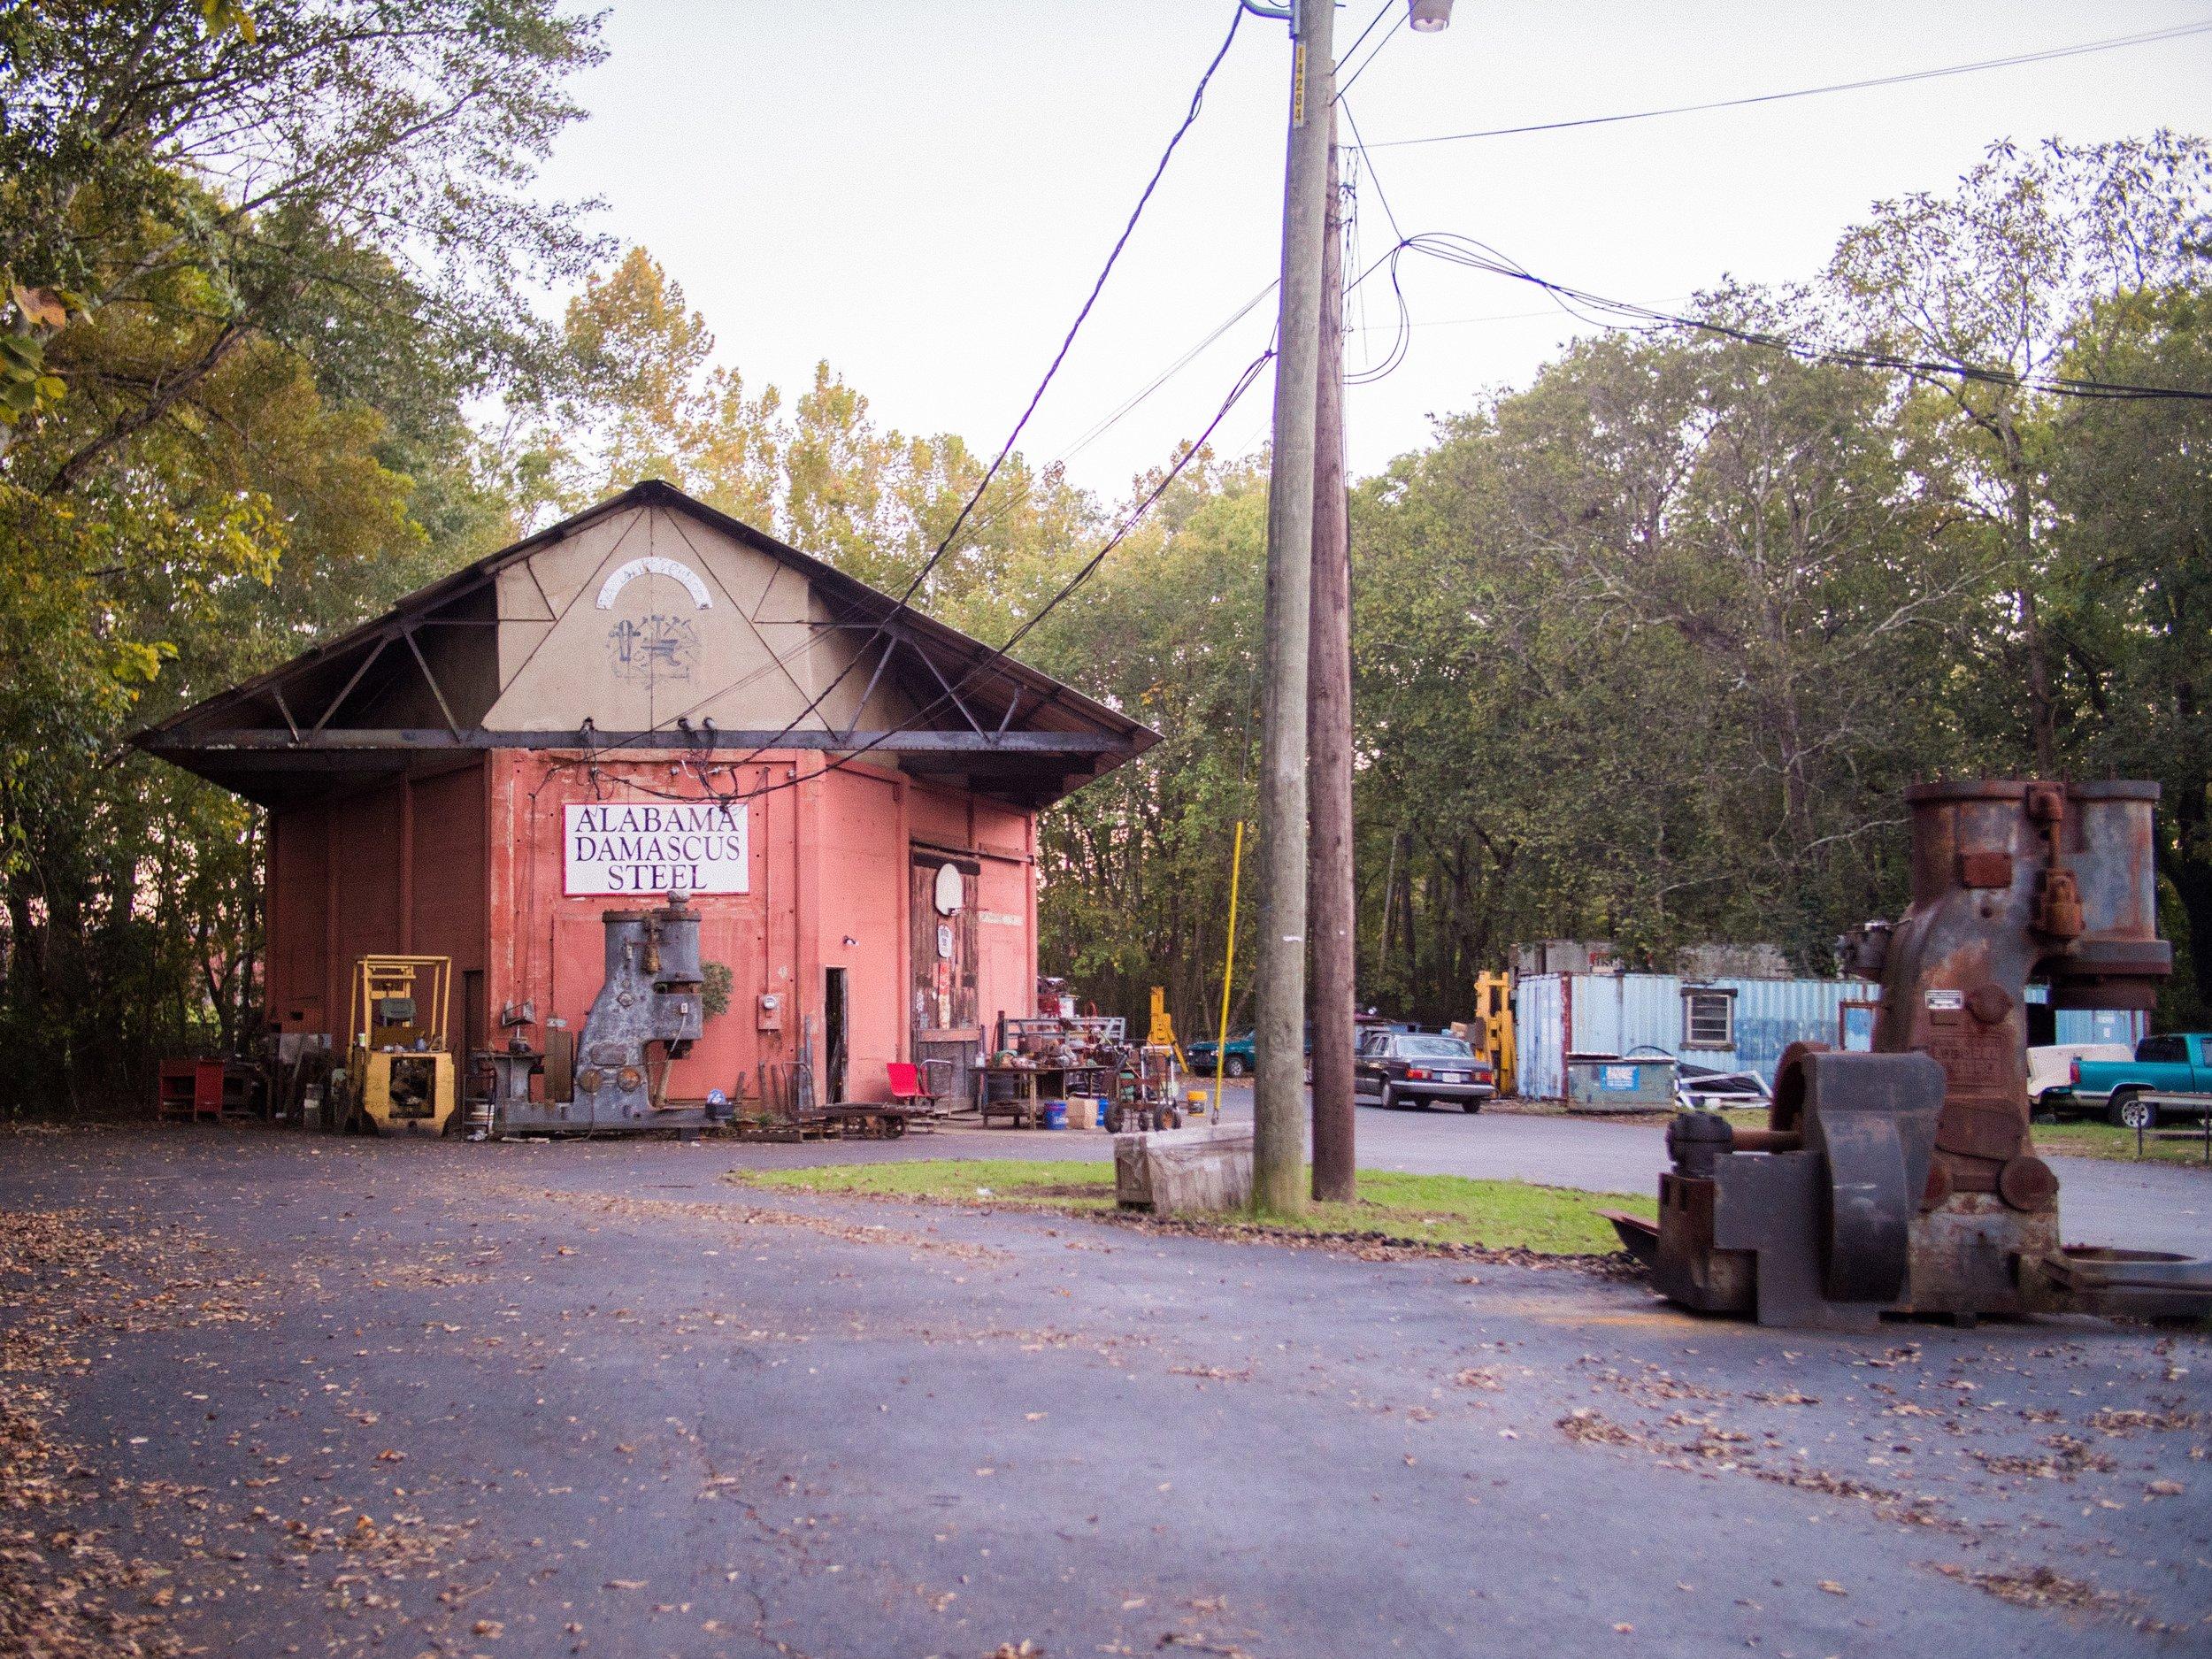 Alabama Damascus Steel.JPG